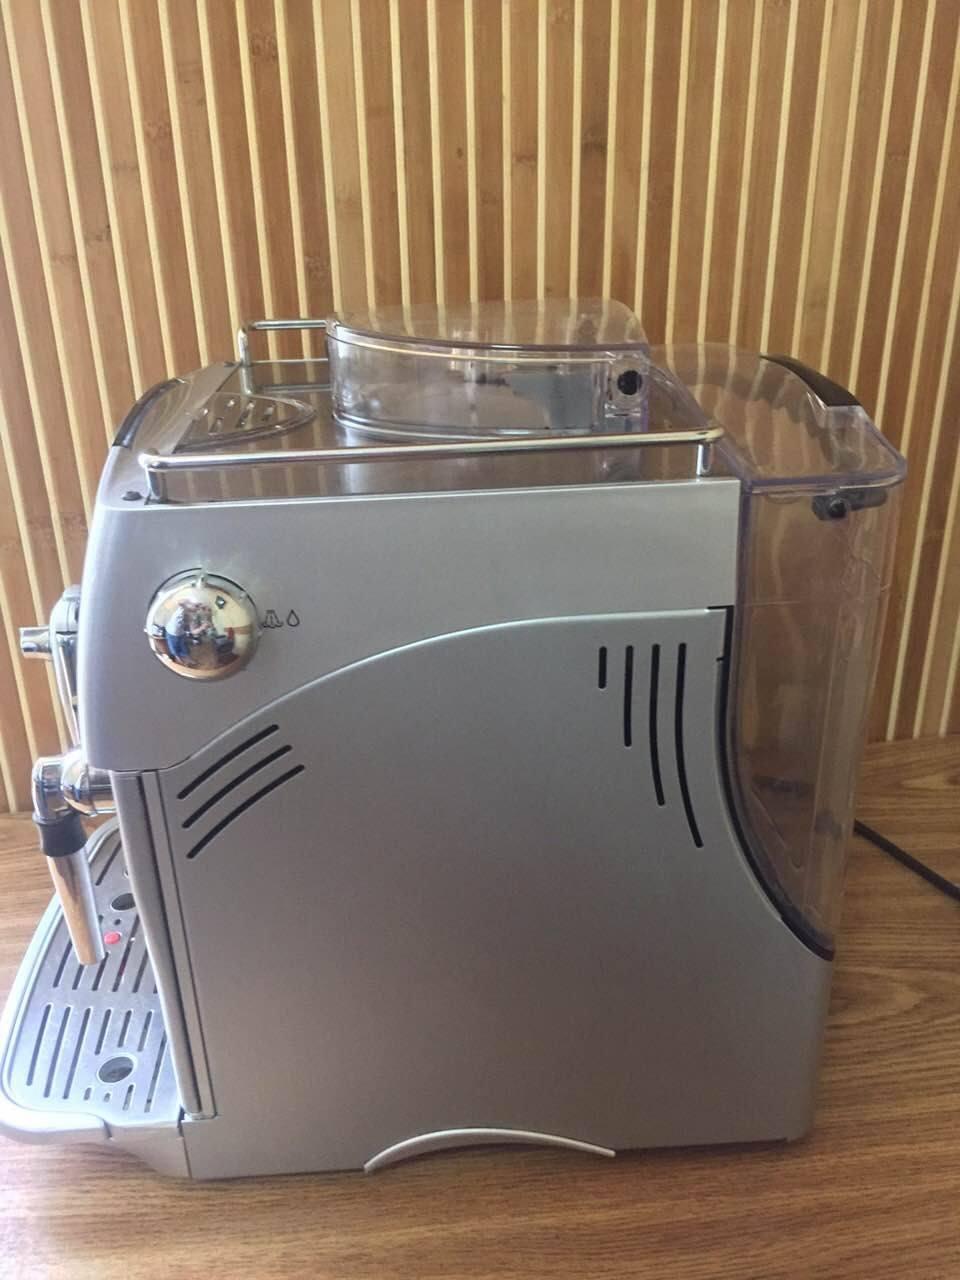 Цю кавоварку можна назвати сучасною машиною. Вона буде стояти на стражі приготування найароматнішої кави для вашого успішного дня.